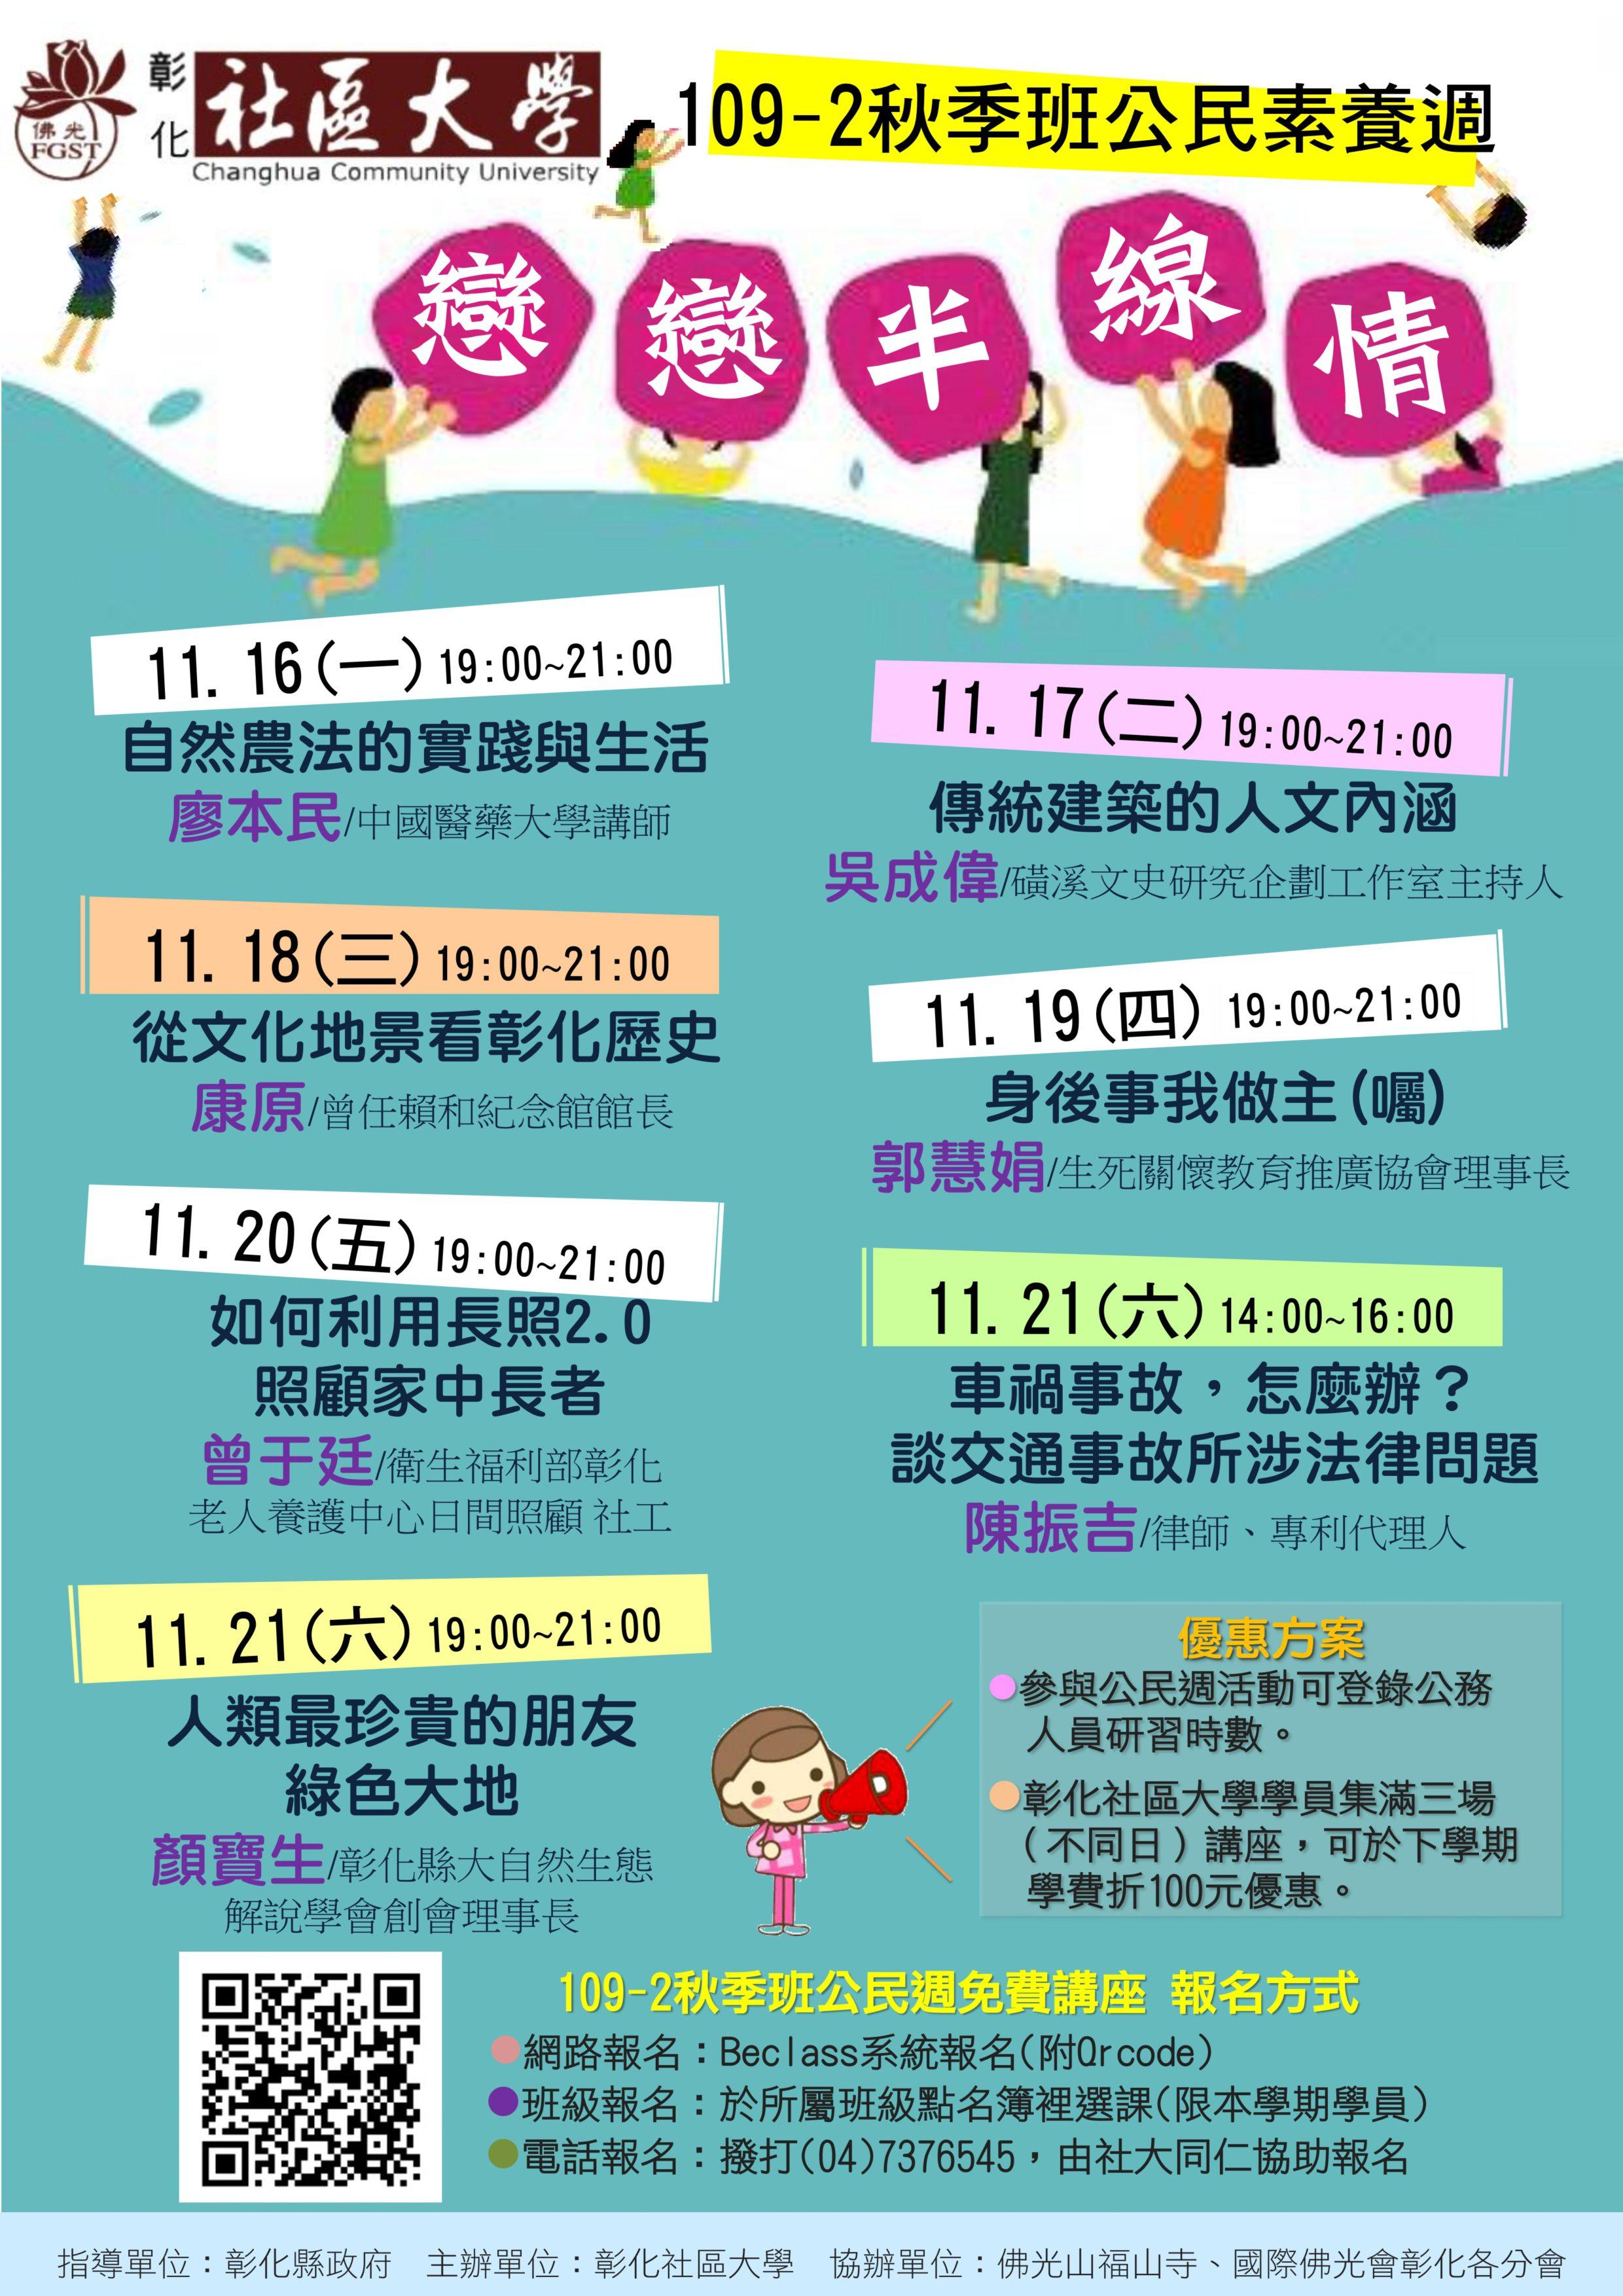 【活動搶先報】109-2彰化社大公民素養週